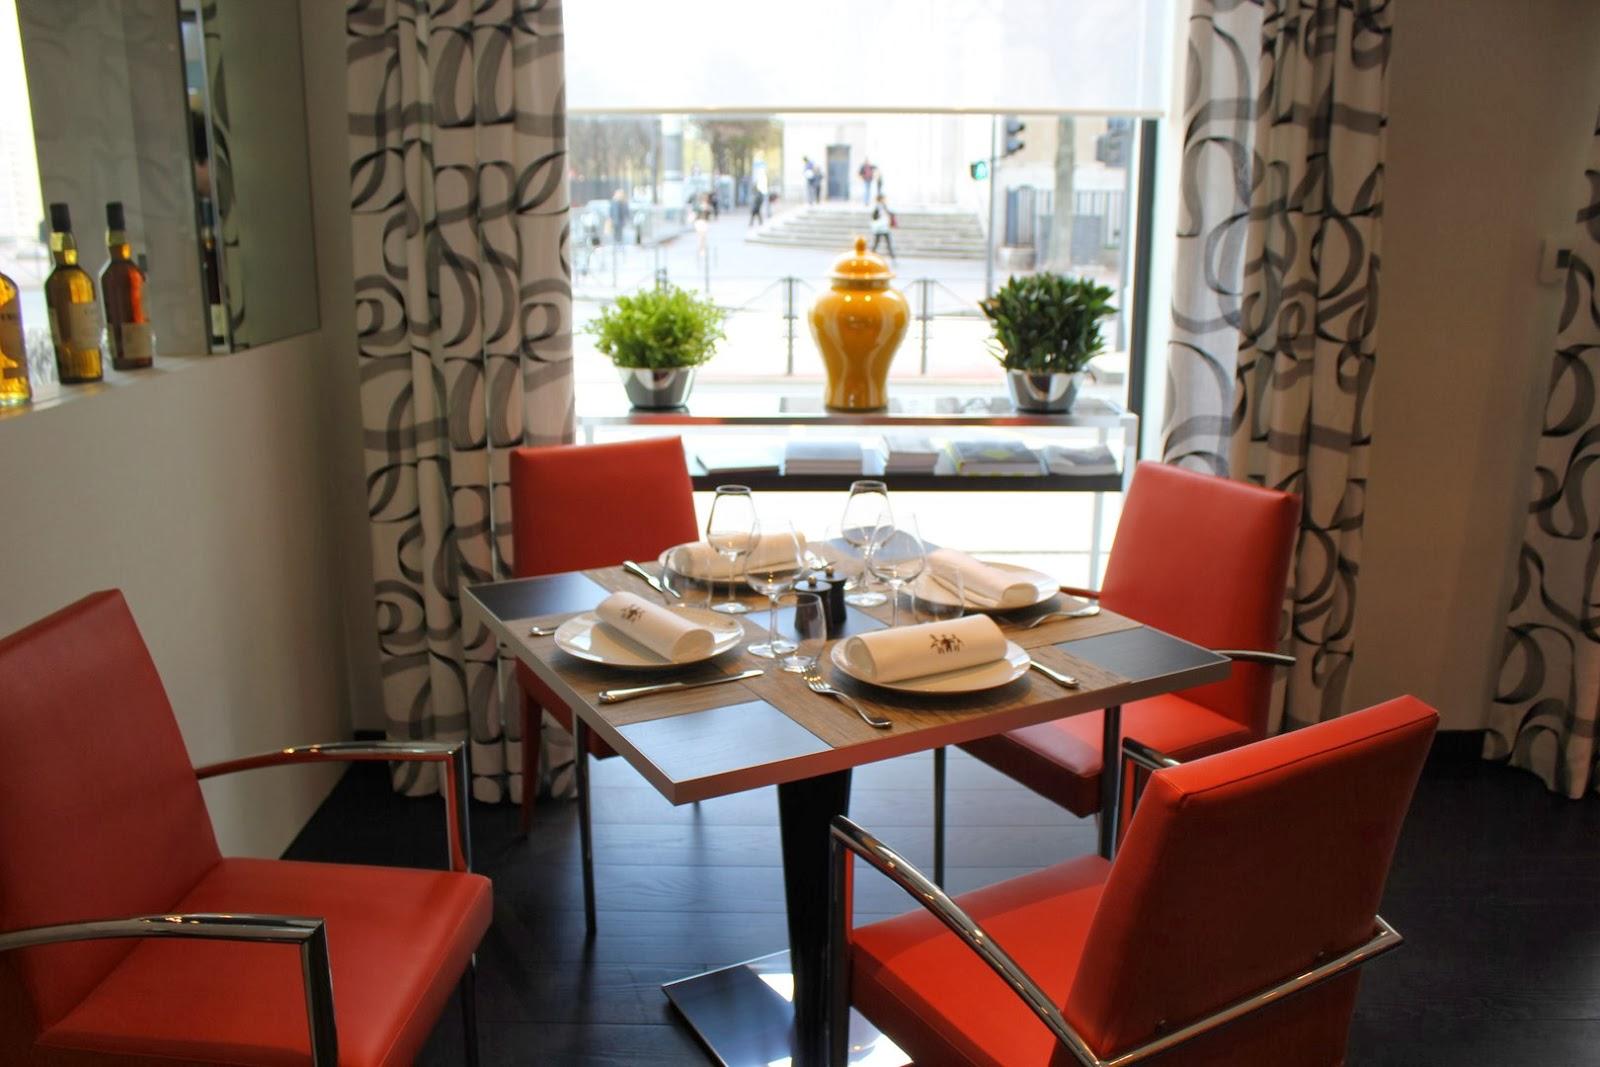 Nouveau lieu d 39 enseignement paul bocuse a lyon luxe - Cours de cuisine lyon bocuse ...